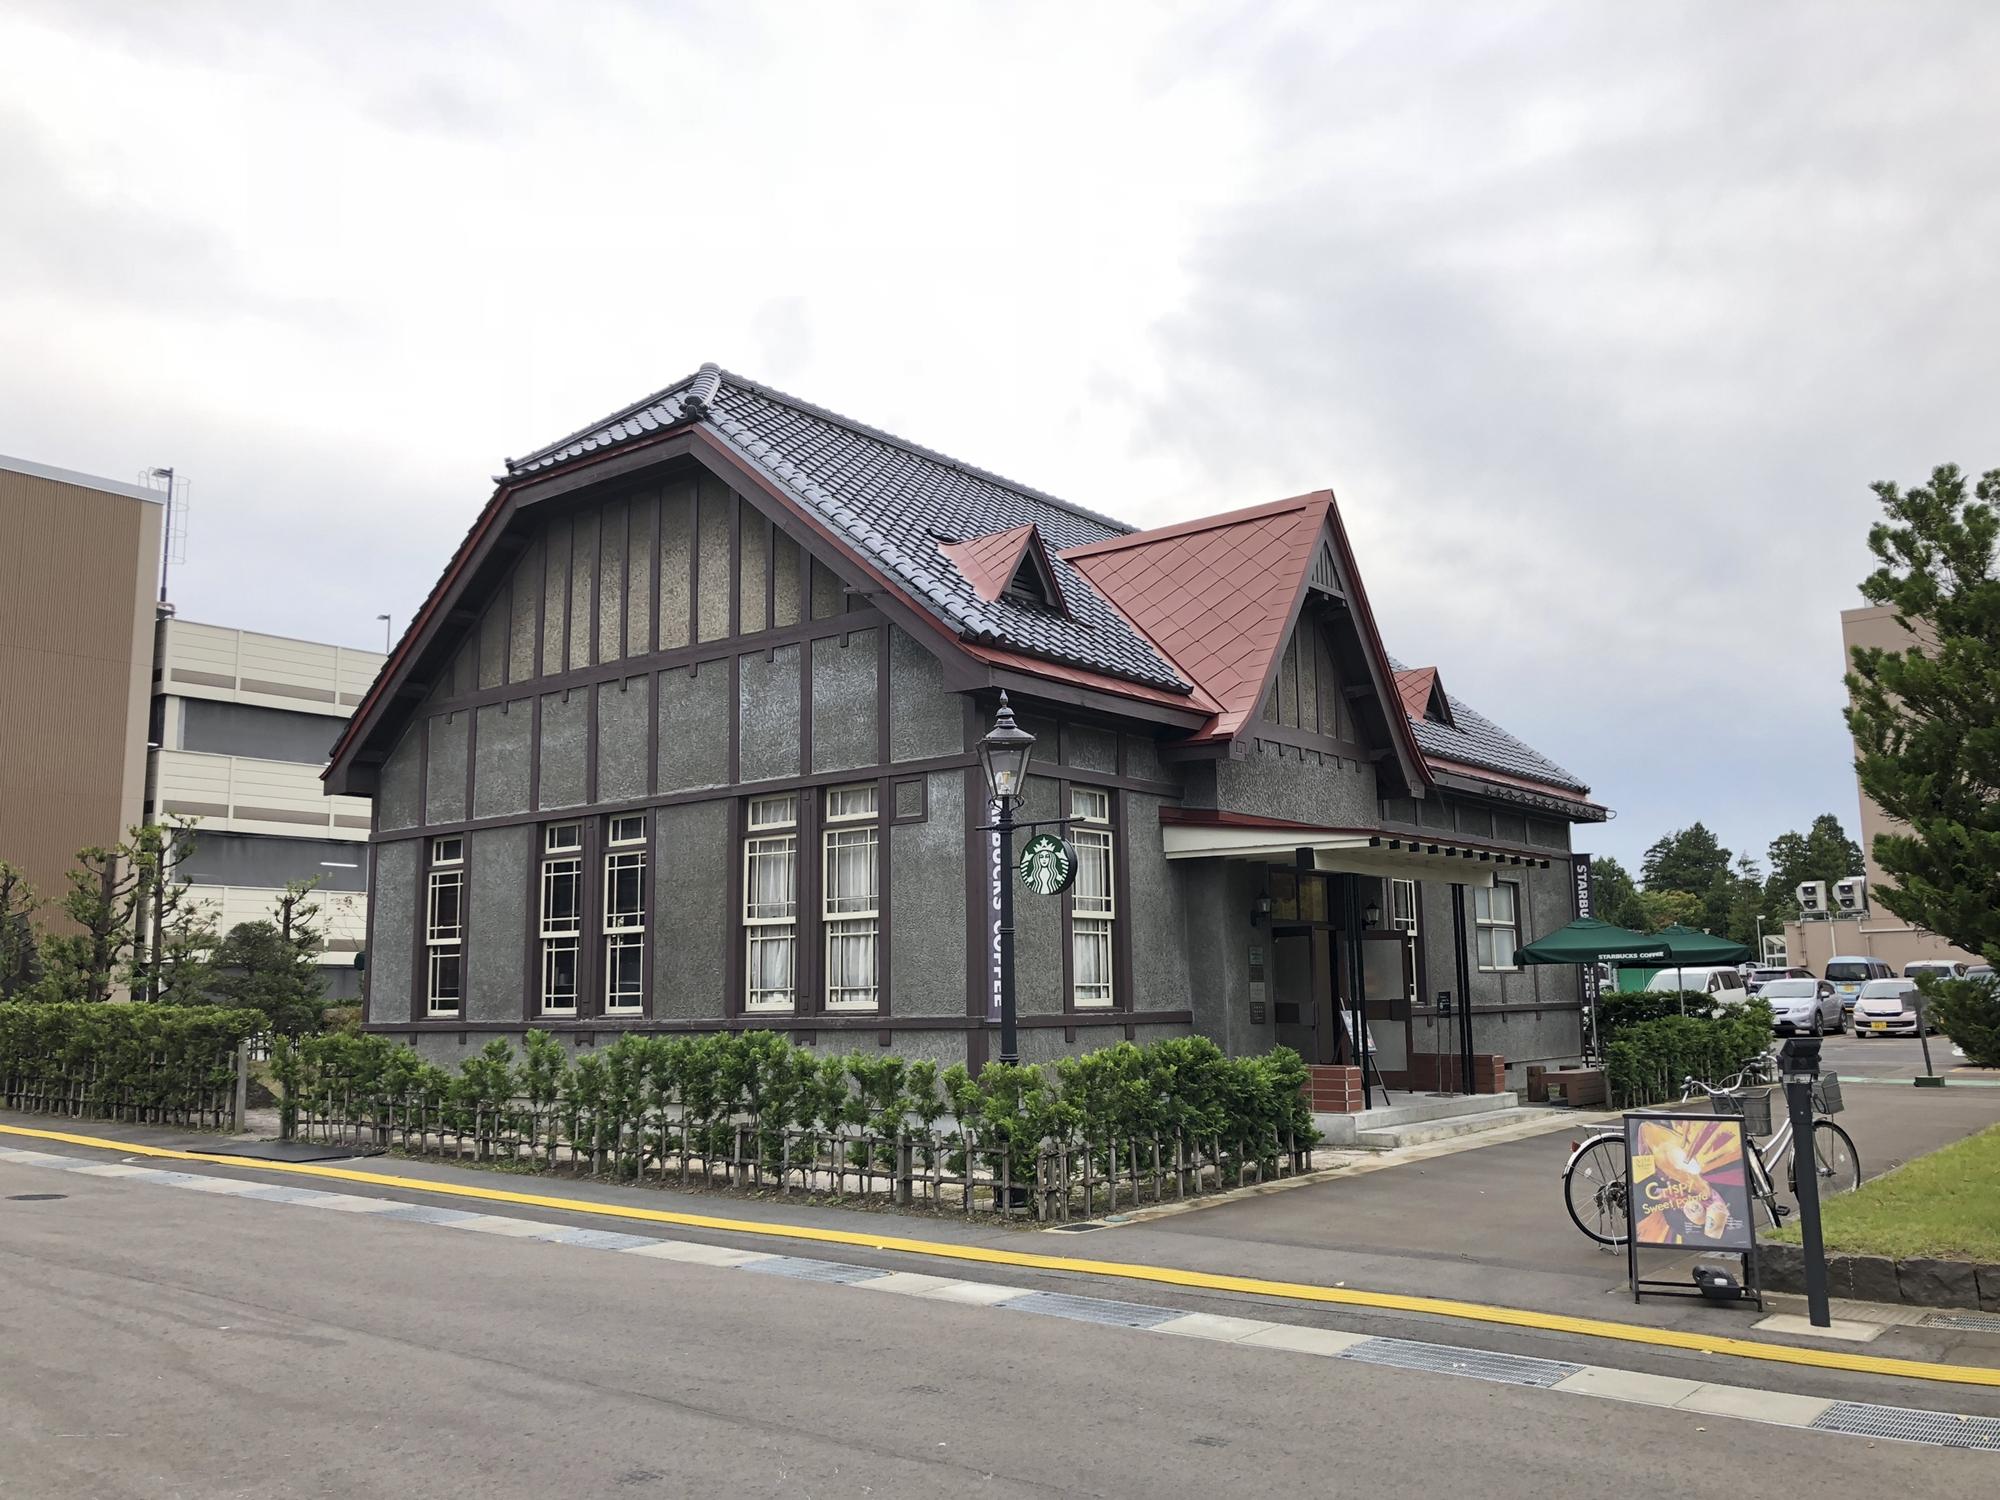 f:id:mitatowa:20181005182857j:plain